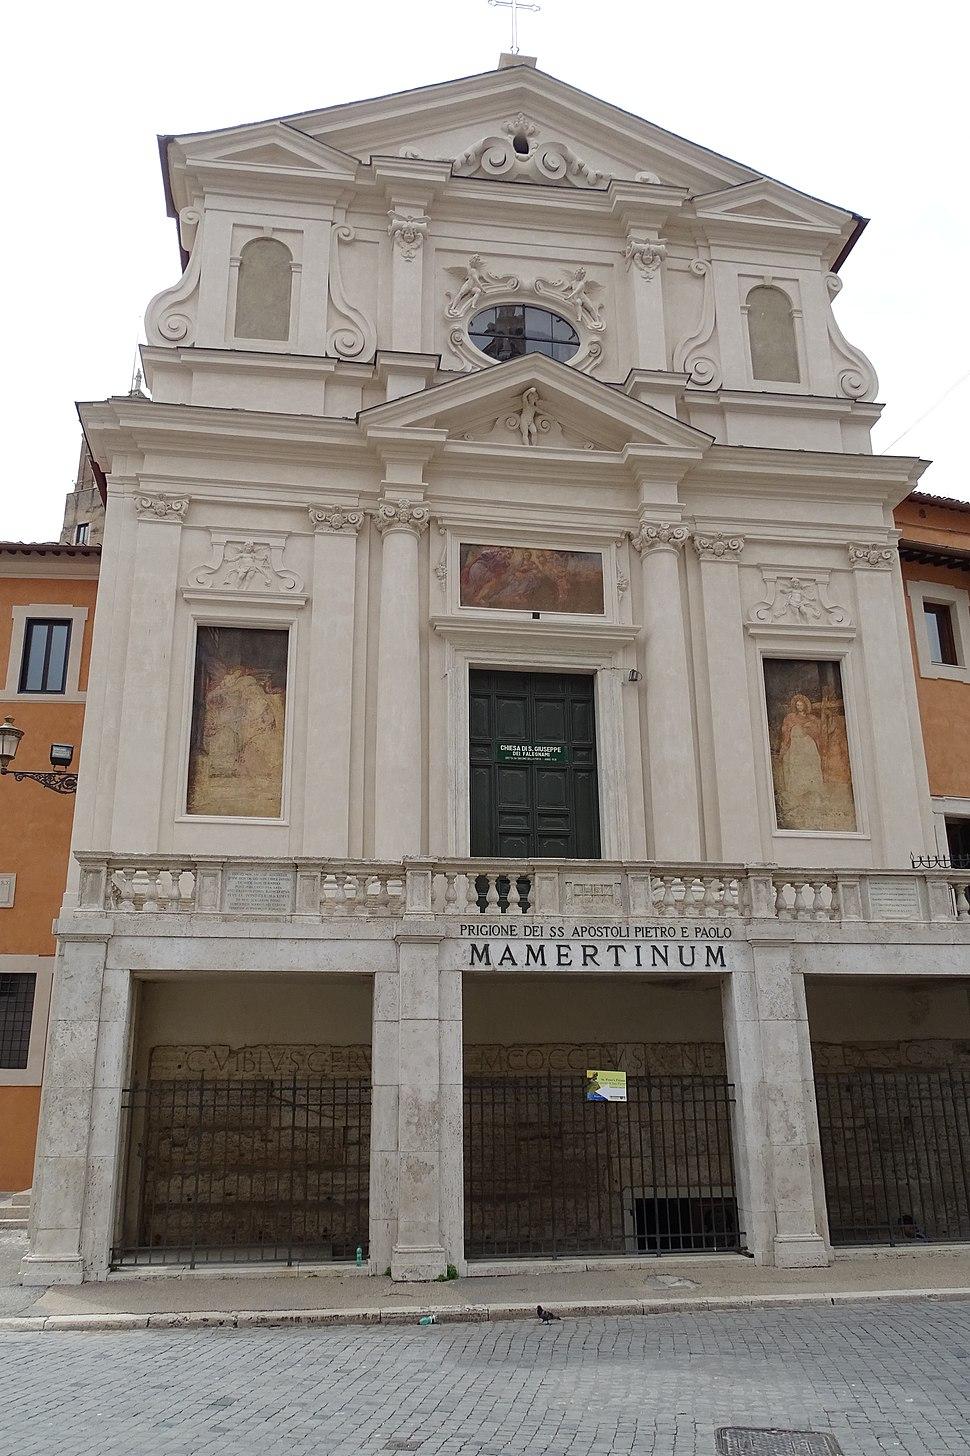 Carcere Mamertino Rome